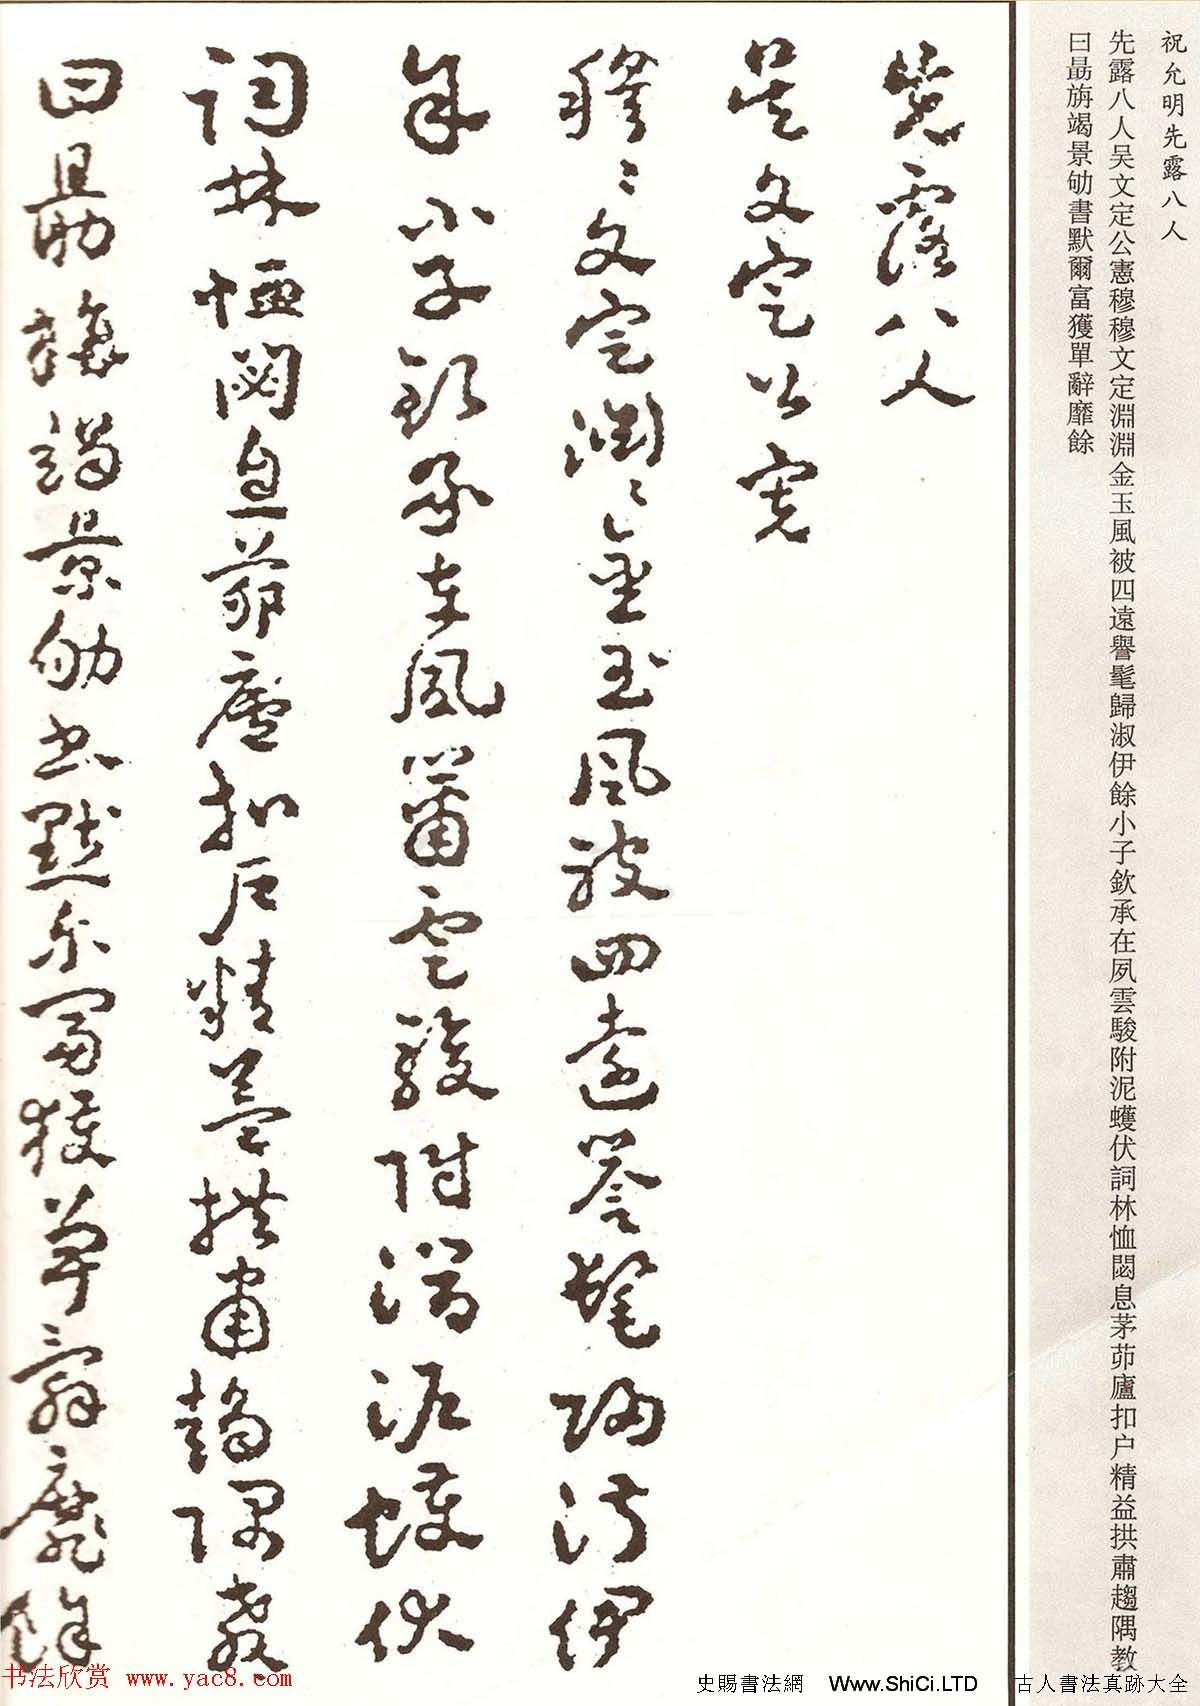 祝允明章草書法作品真跡欣賞《先露八人》(共4張圖片)